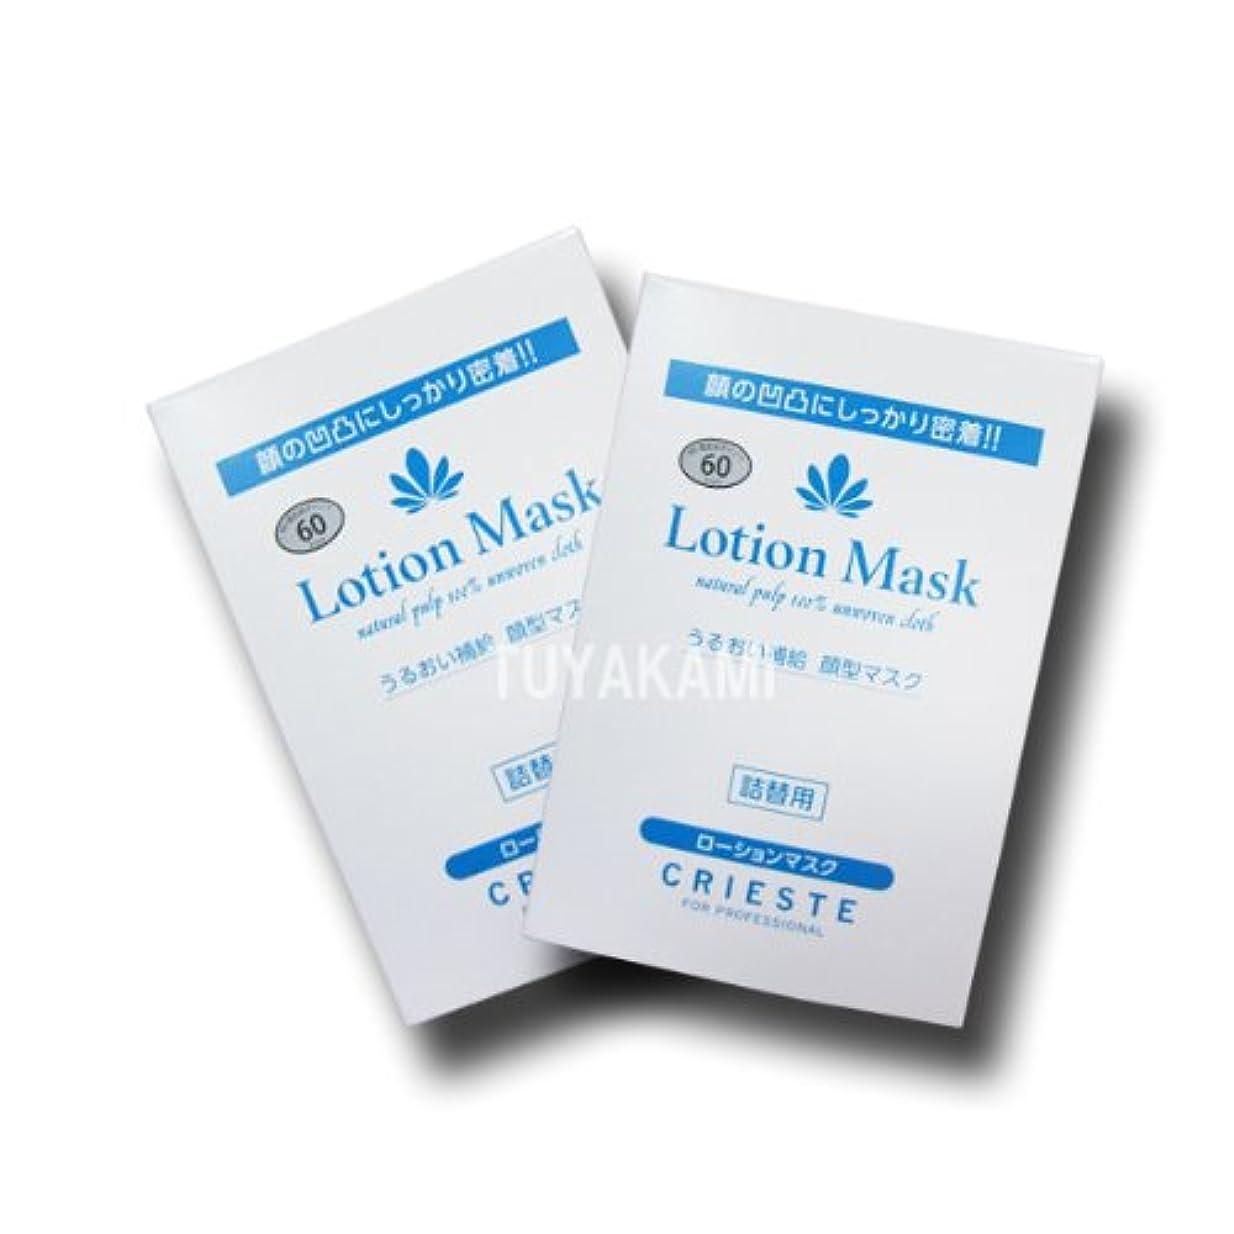 有名な補足立法クリエステ ローションマスク 詰替用 150コ入×2個